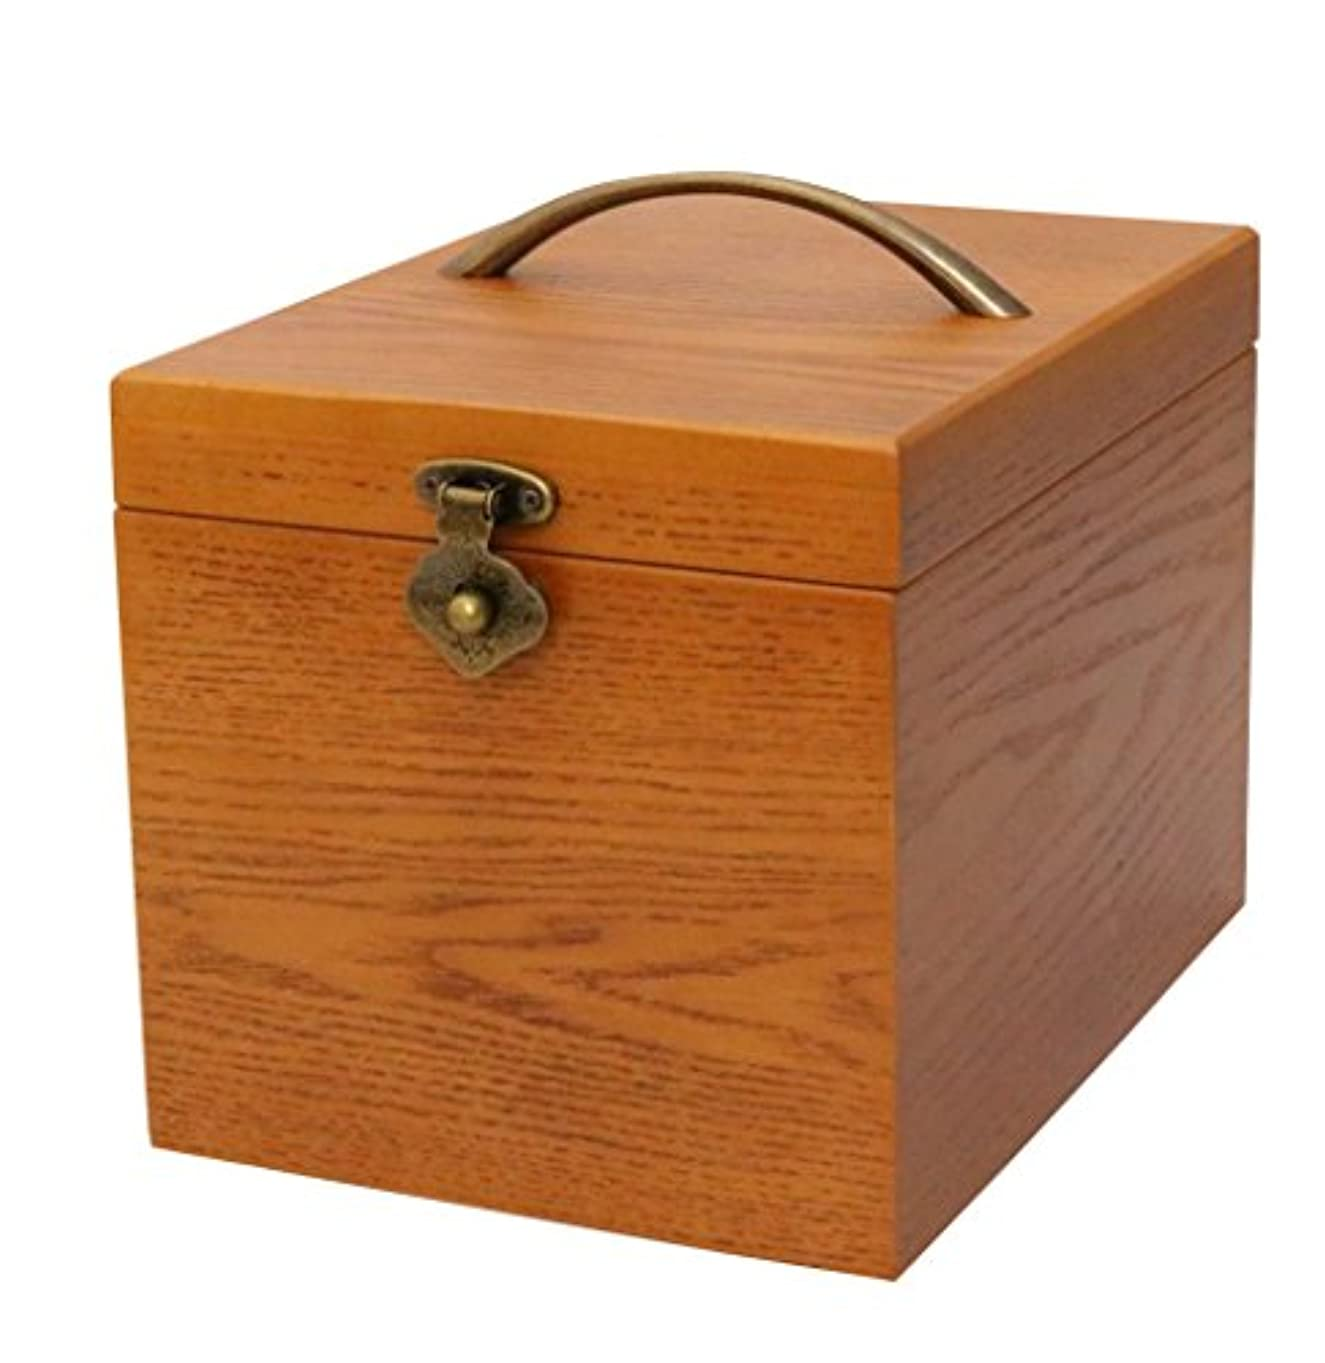 セッション寺院獲物クレエ 木製 メイクボックス 鏡付き化粧品箱 ブラウン 90900044 18×24×17.5